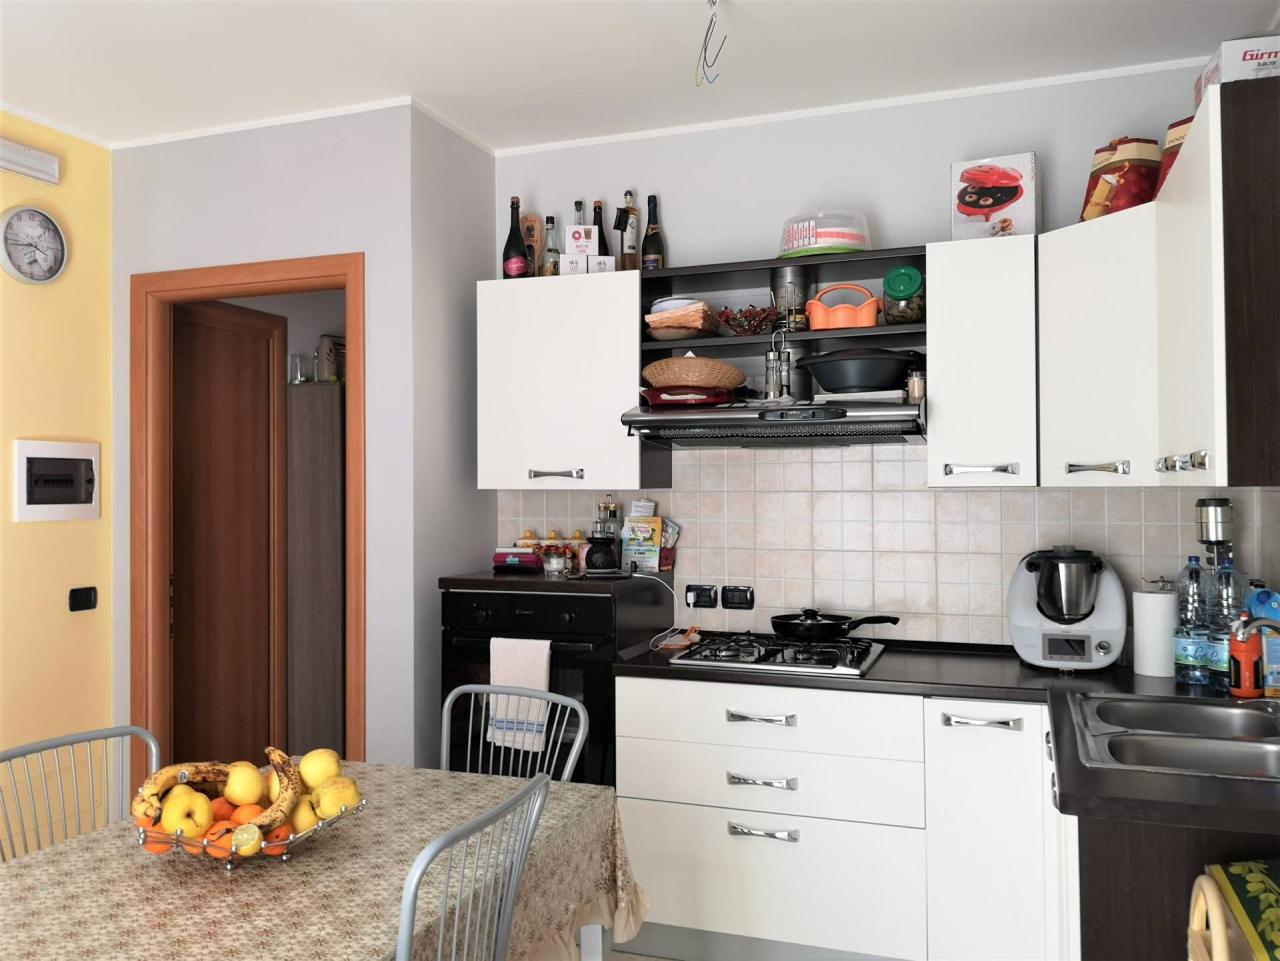 Appartamento in vendita a Montepaone, 3 locali, prezzo € 85.000 | PortaleAgenzieImmobiliari.it